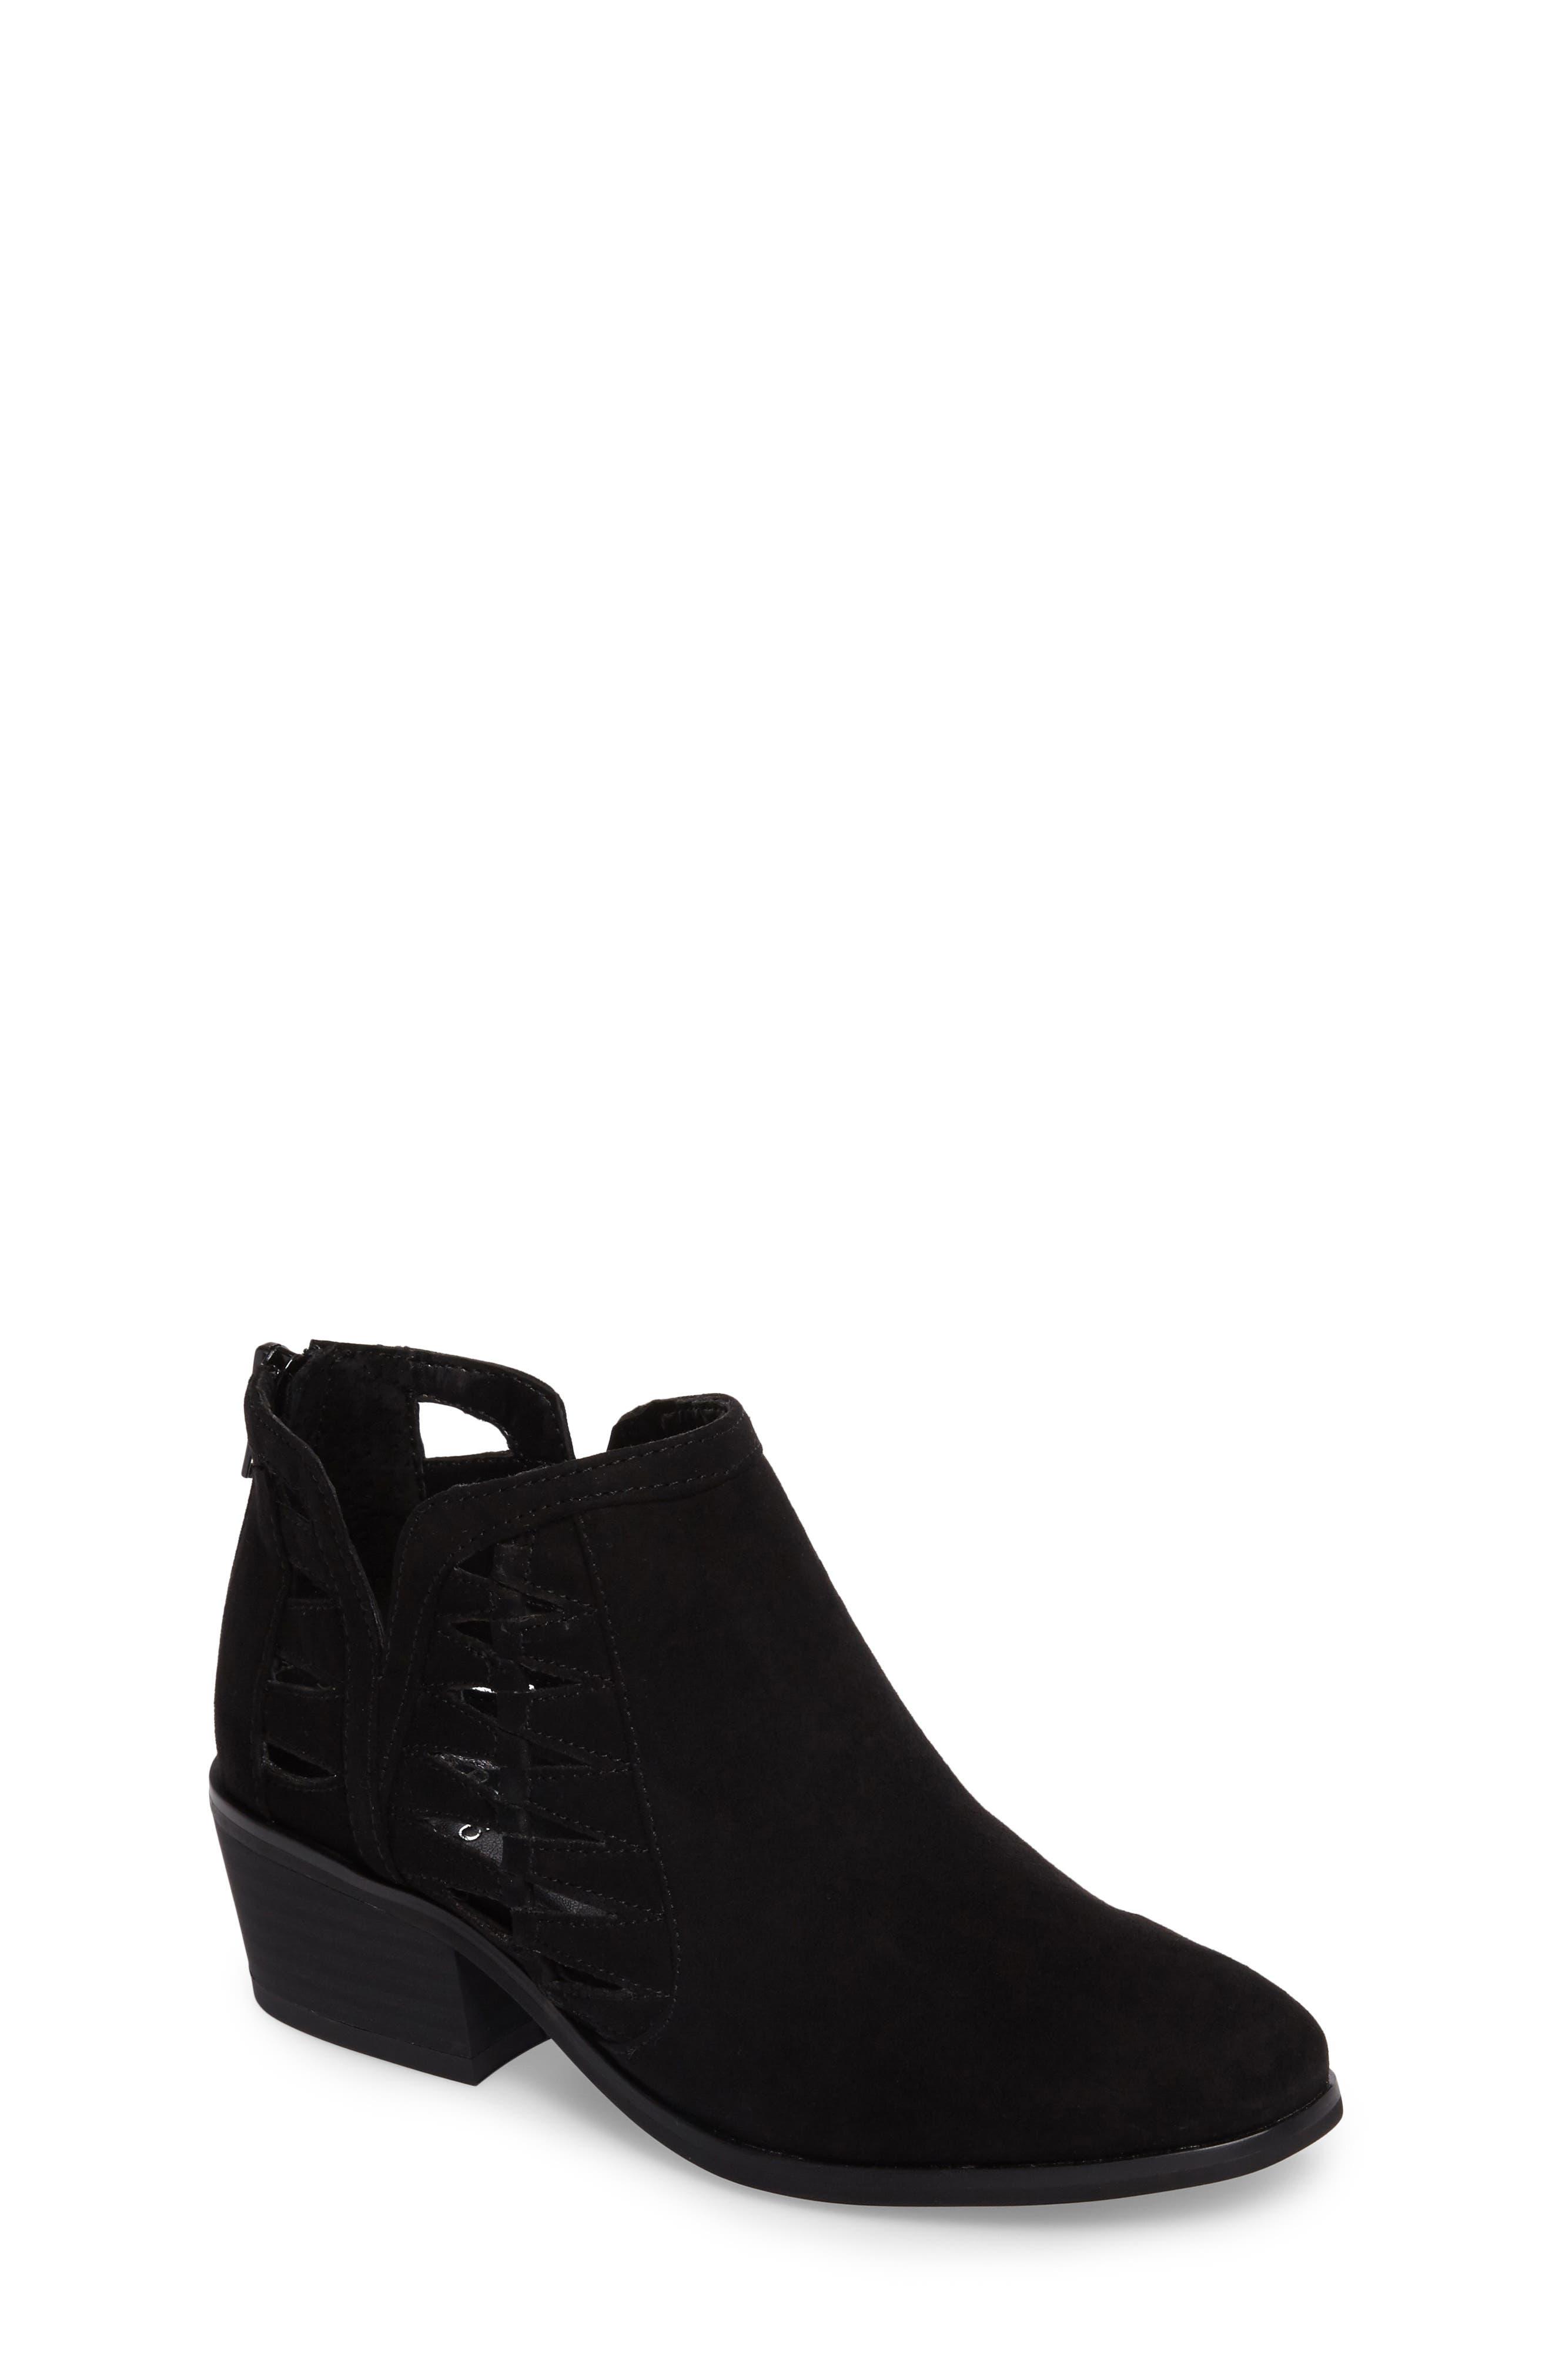 Toddler size 5 black dress shoes heels